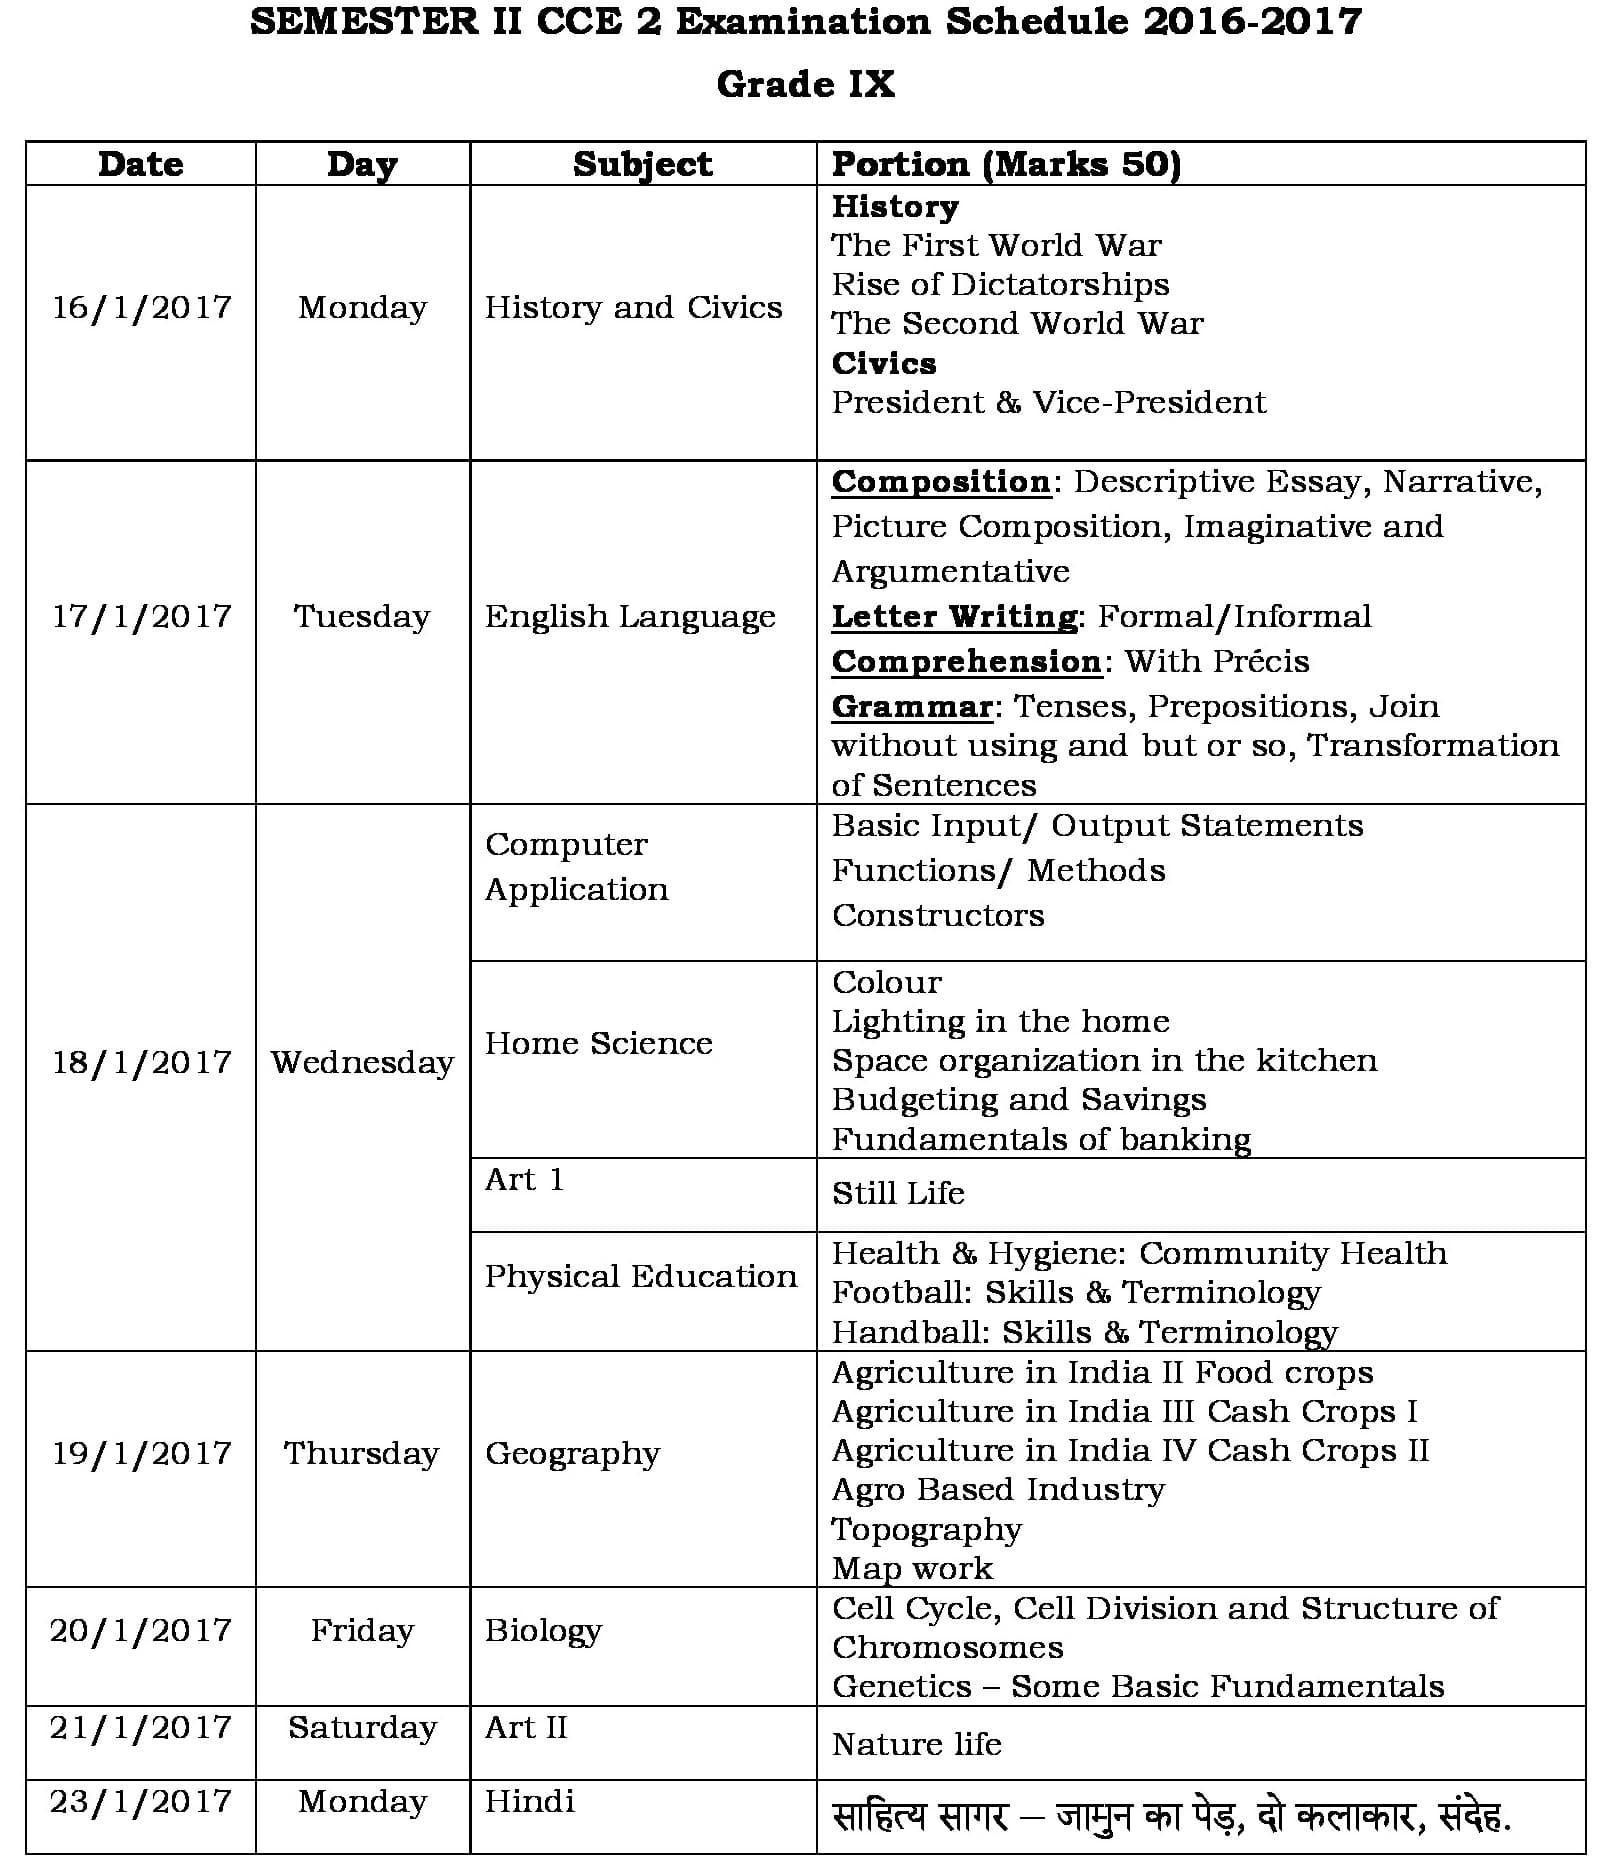 grade-ix-cce2-schedule-2016-2017-0